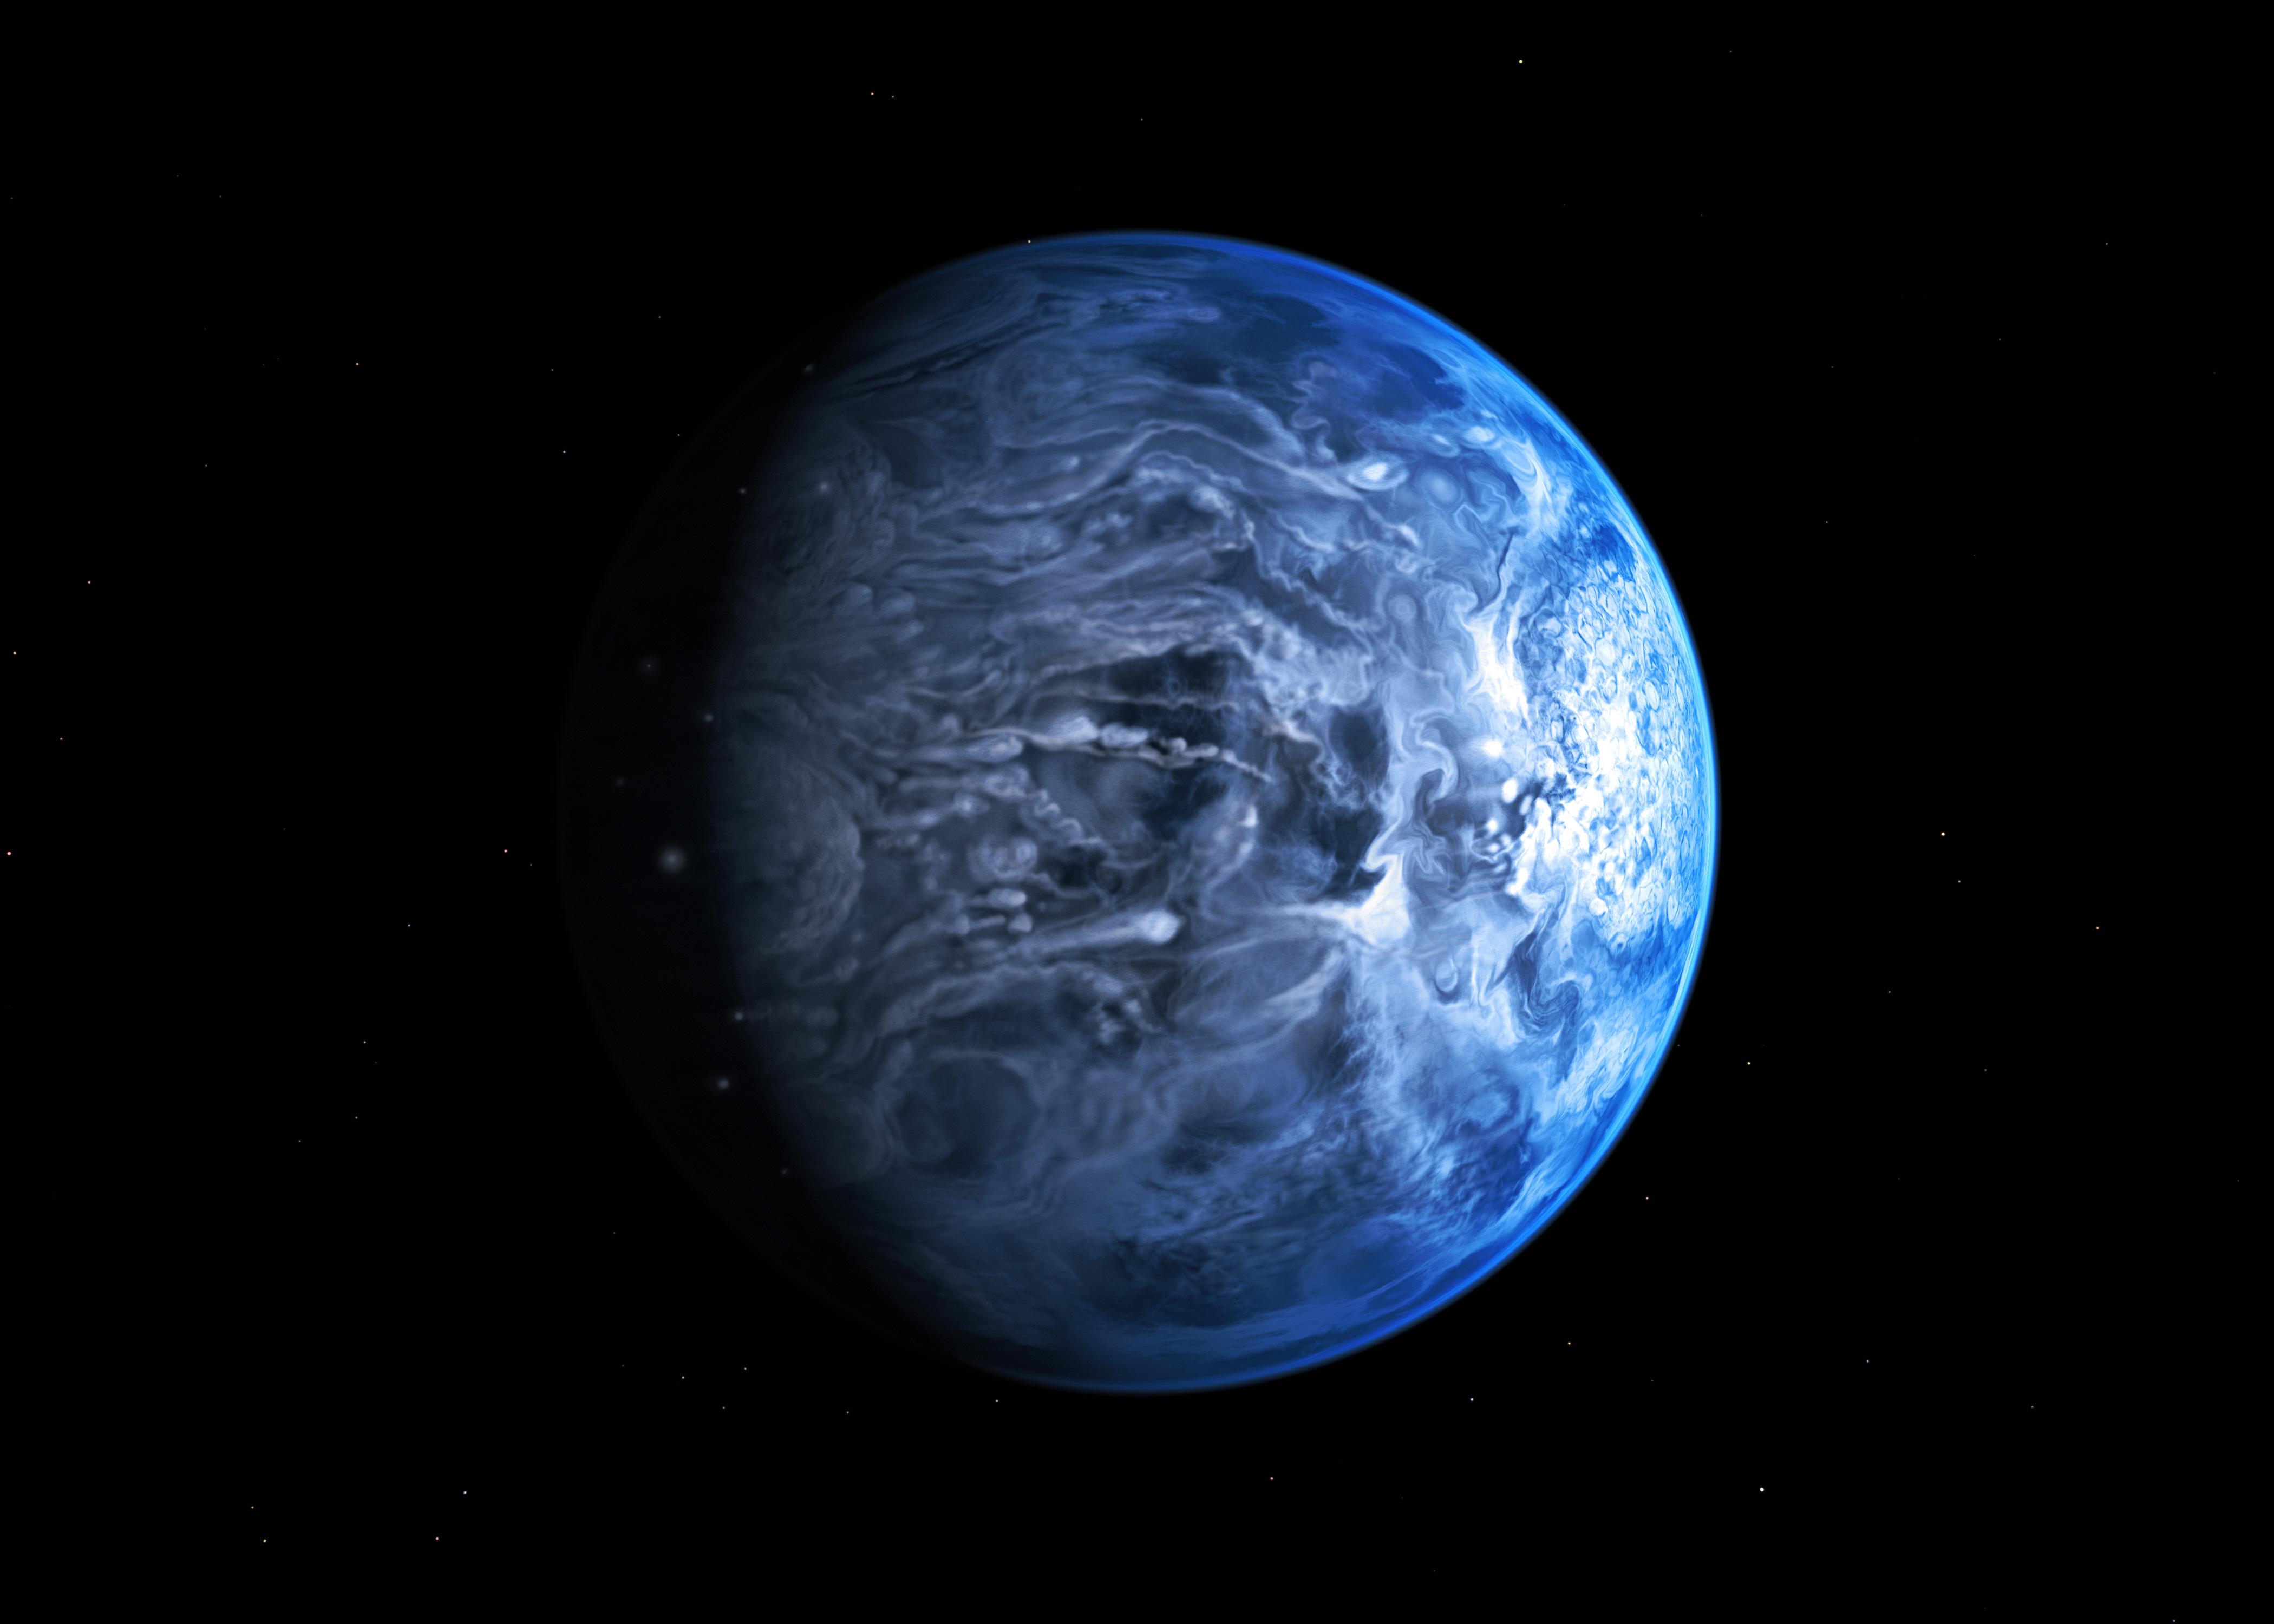 ESA Science & Technology: Hubble spots azure blue planet